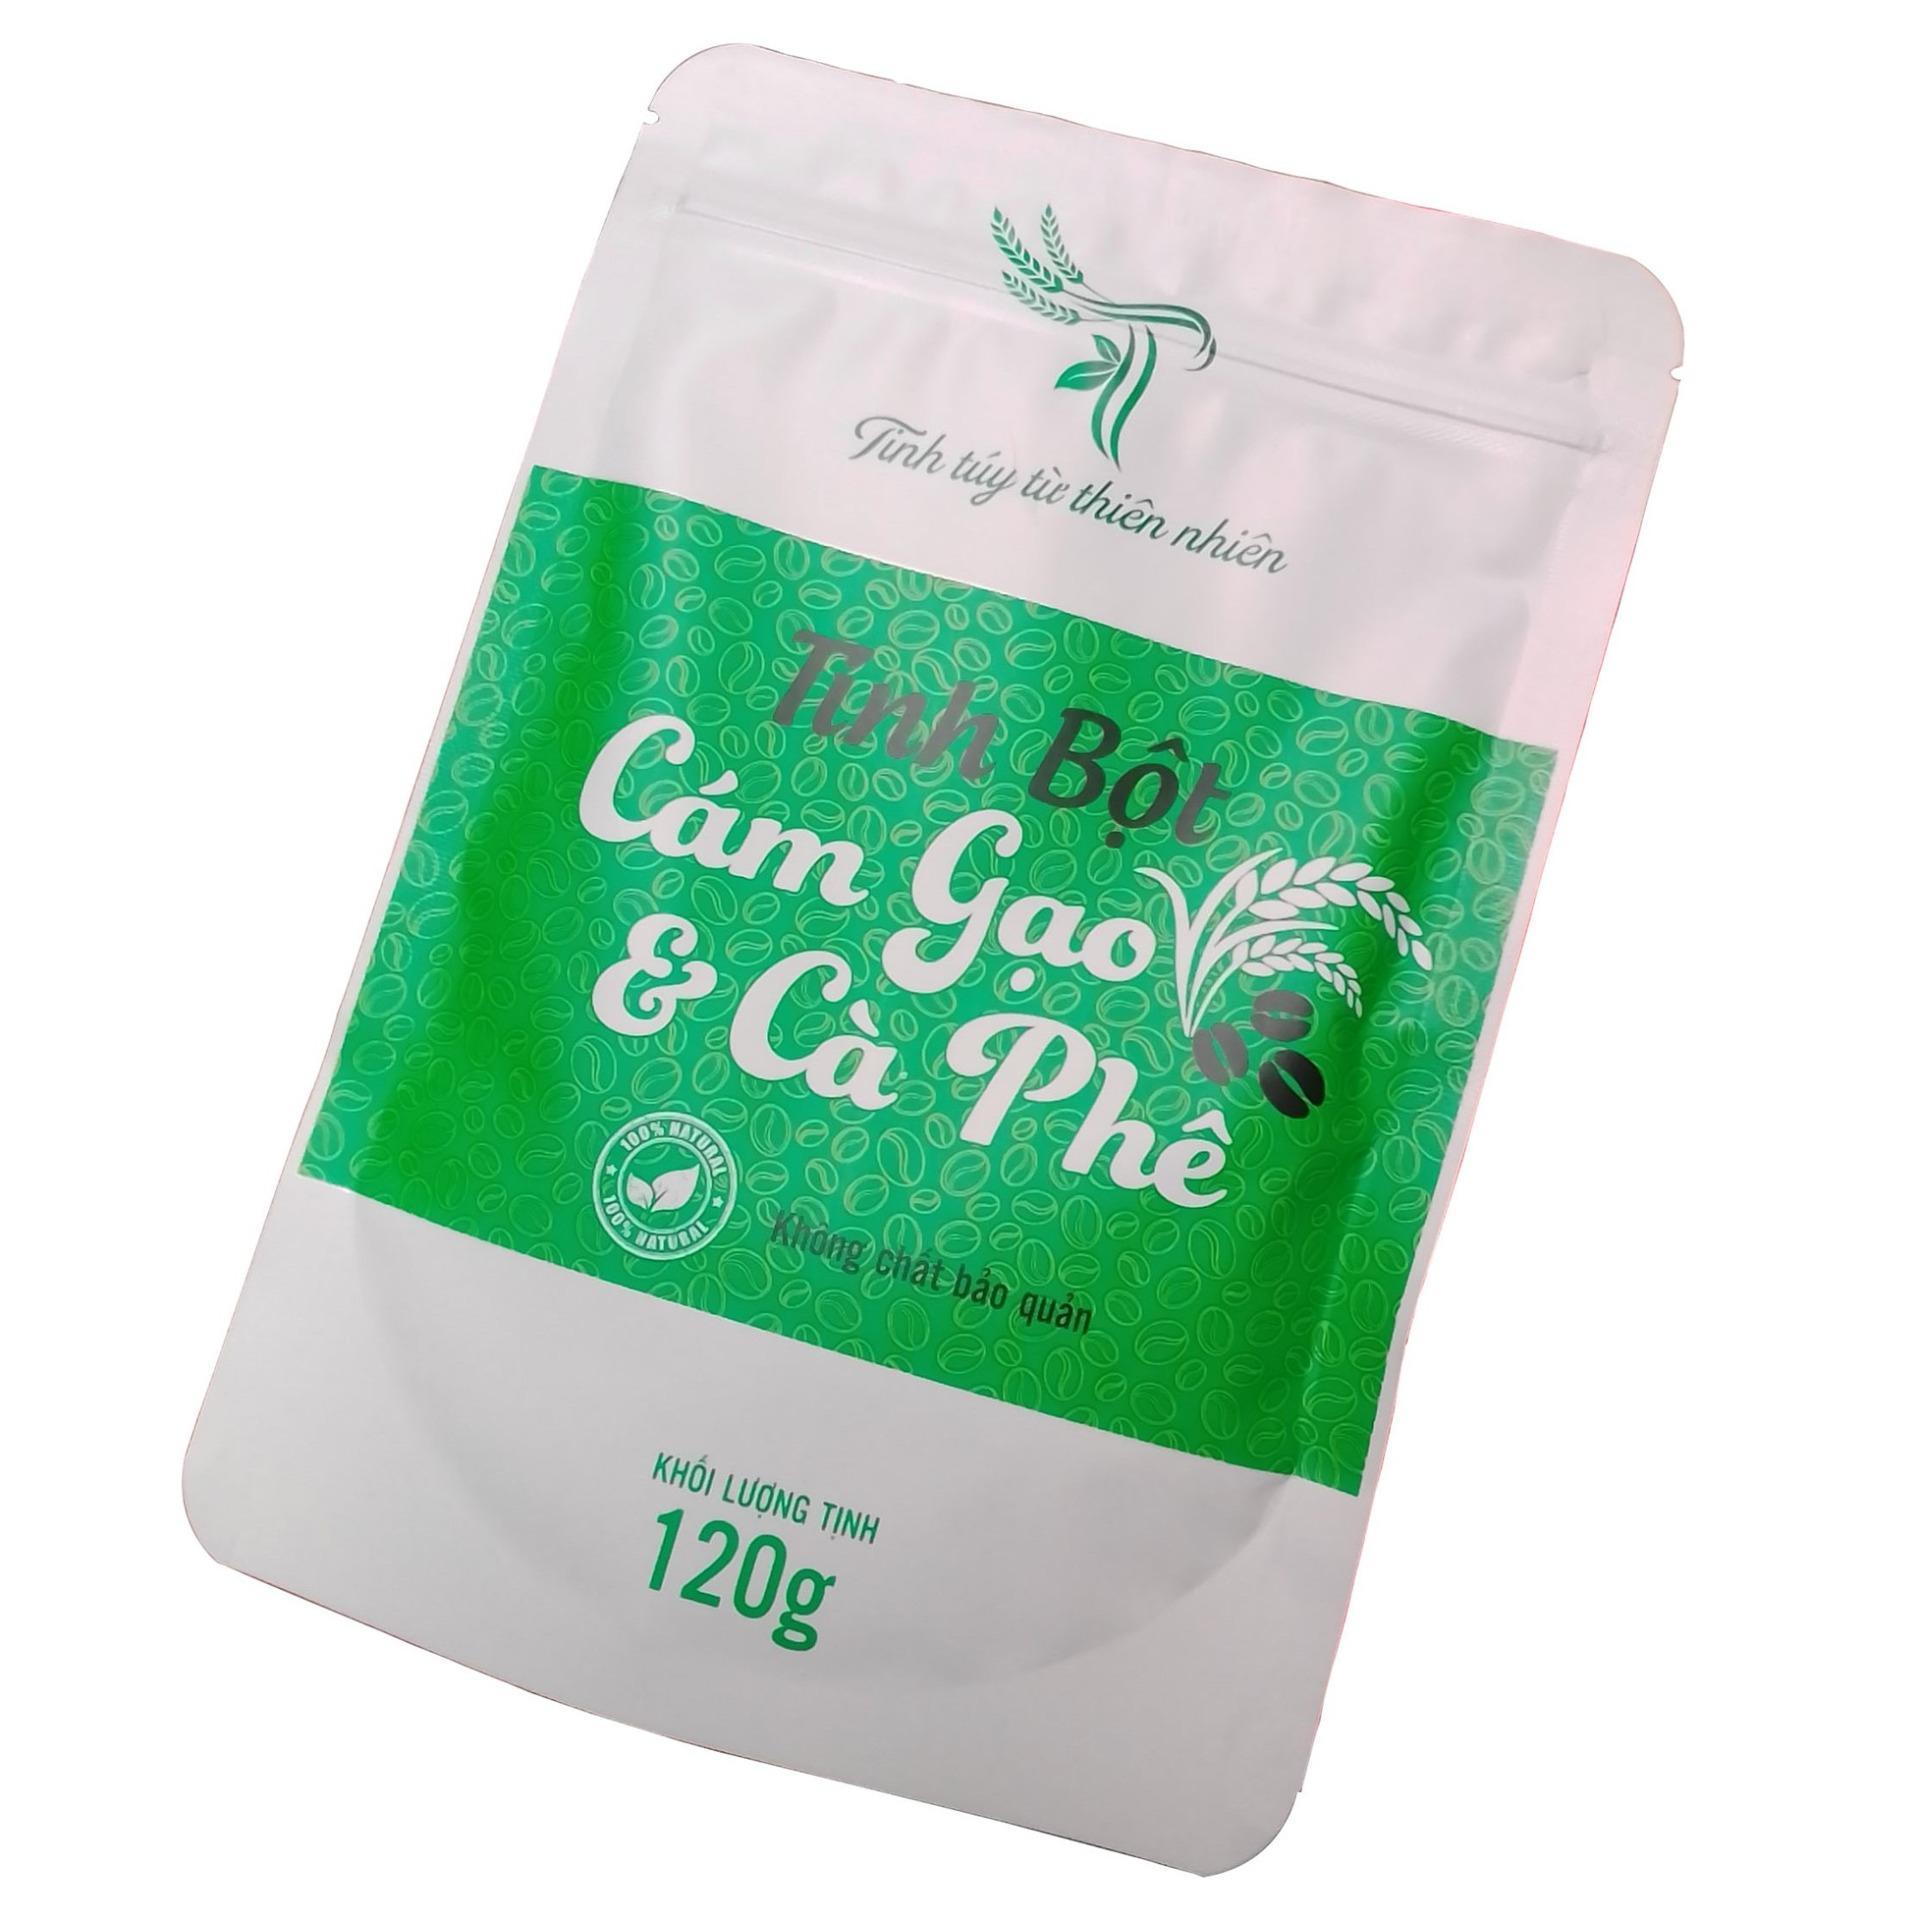 Combo 10 bịch cám gạo cà phê